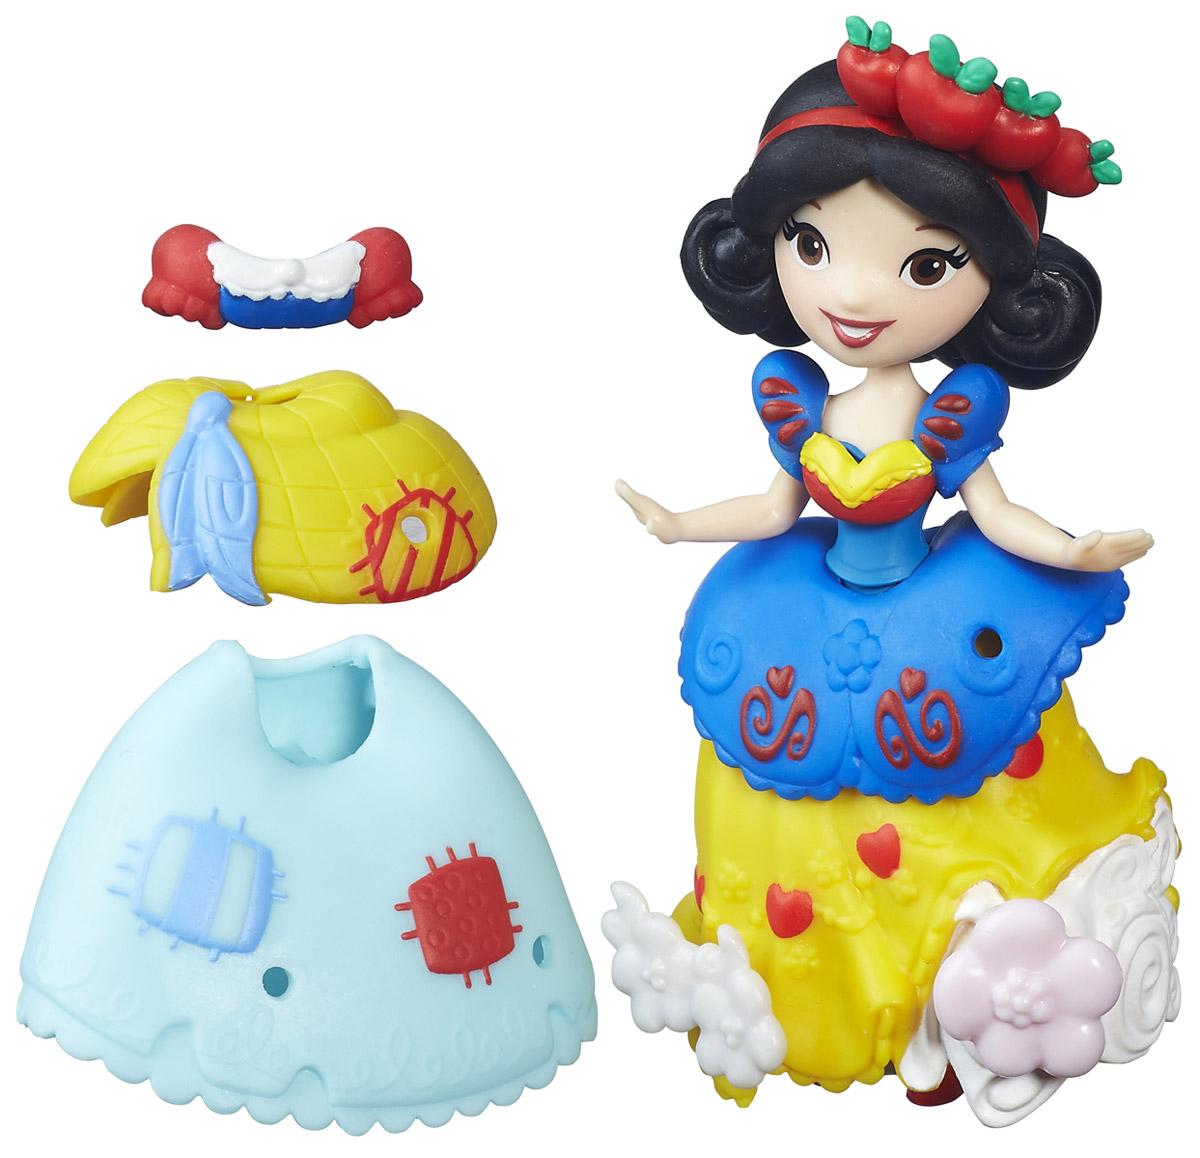 Disney Princess Мини-кукла Белоснежка и модные нарядыB5327EU4_B5330Мини-кукла Disney Princess Белоснежка и модные наряды входит в серию Маленькое королевство. Кукла небольшого роста, но очень похожа на героиню мультфильма. Малышка тщательно проработана и радует количеством декоративных элементов. Черные волосы Белоснежки украшены красным бантом, большие карие глаза приветливо смотрят на мир, нежная улыбка очаровывает с первого взгляда. На куклу надето платье, в котором с первого взгляда узнается наряд героини: синий верх, желтая юбка, рукава-фонарики с красными вставками. Тем не менее, платье мини-куклы имеет больше интересных деталей, а какую-то часть из них можно добавить самостоятельно! В комплекте находятся пластиковые элементы, которые можно вставить в одежду принцессы. Кукла станет замечательным подарком вашей малышке, а дополнительные аксессуары разнообразят игру.